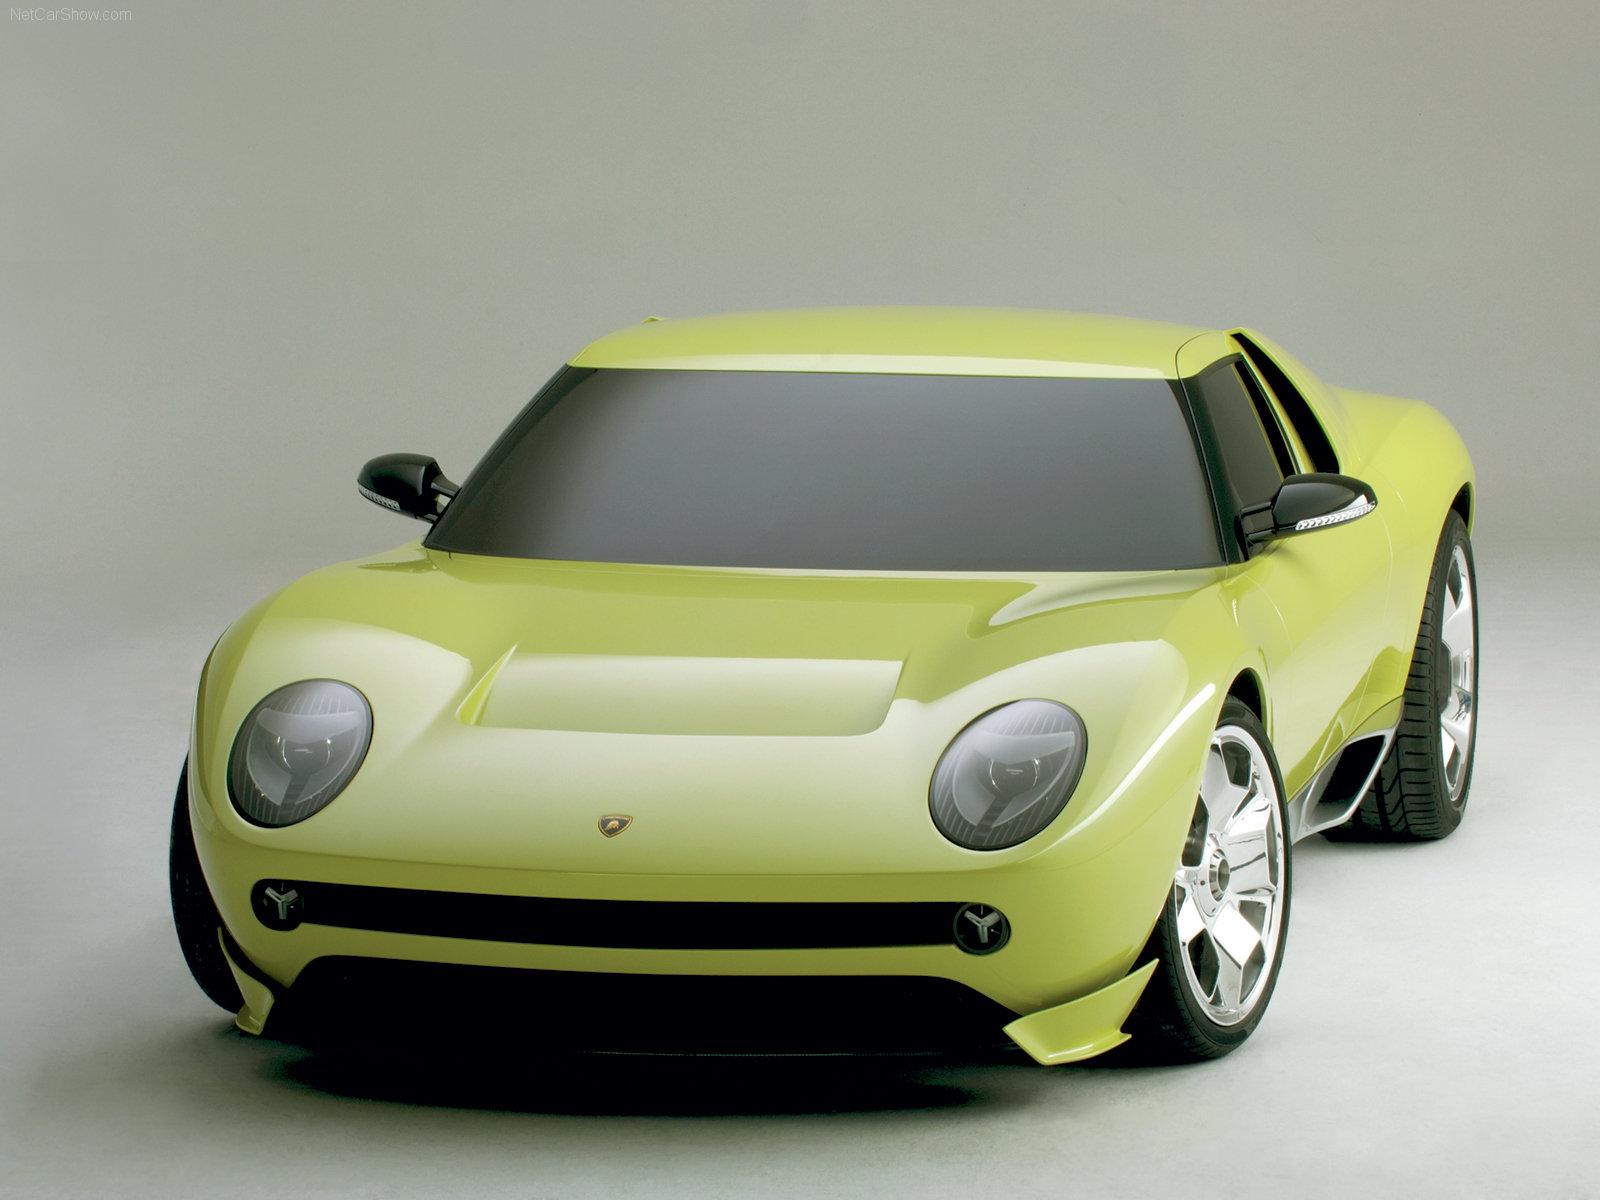 Hình ảnh siêu xe Lamborghini Miura Concept 2006 & nội ngoại thất